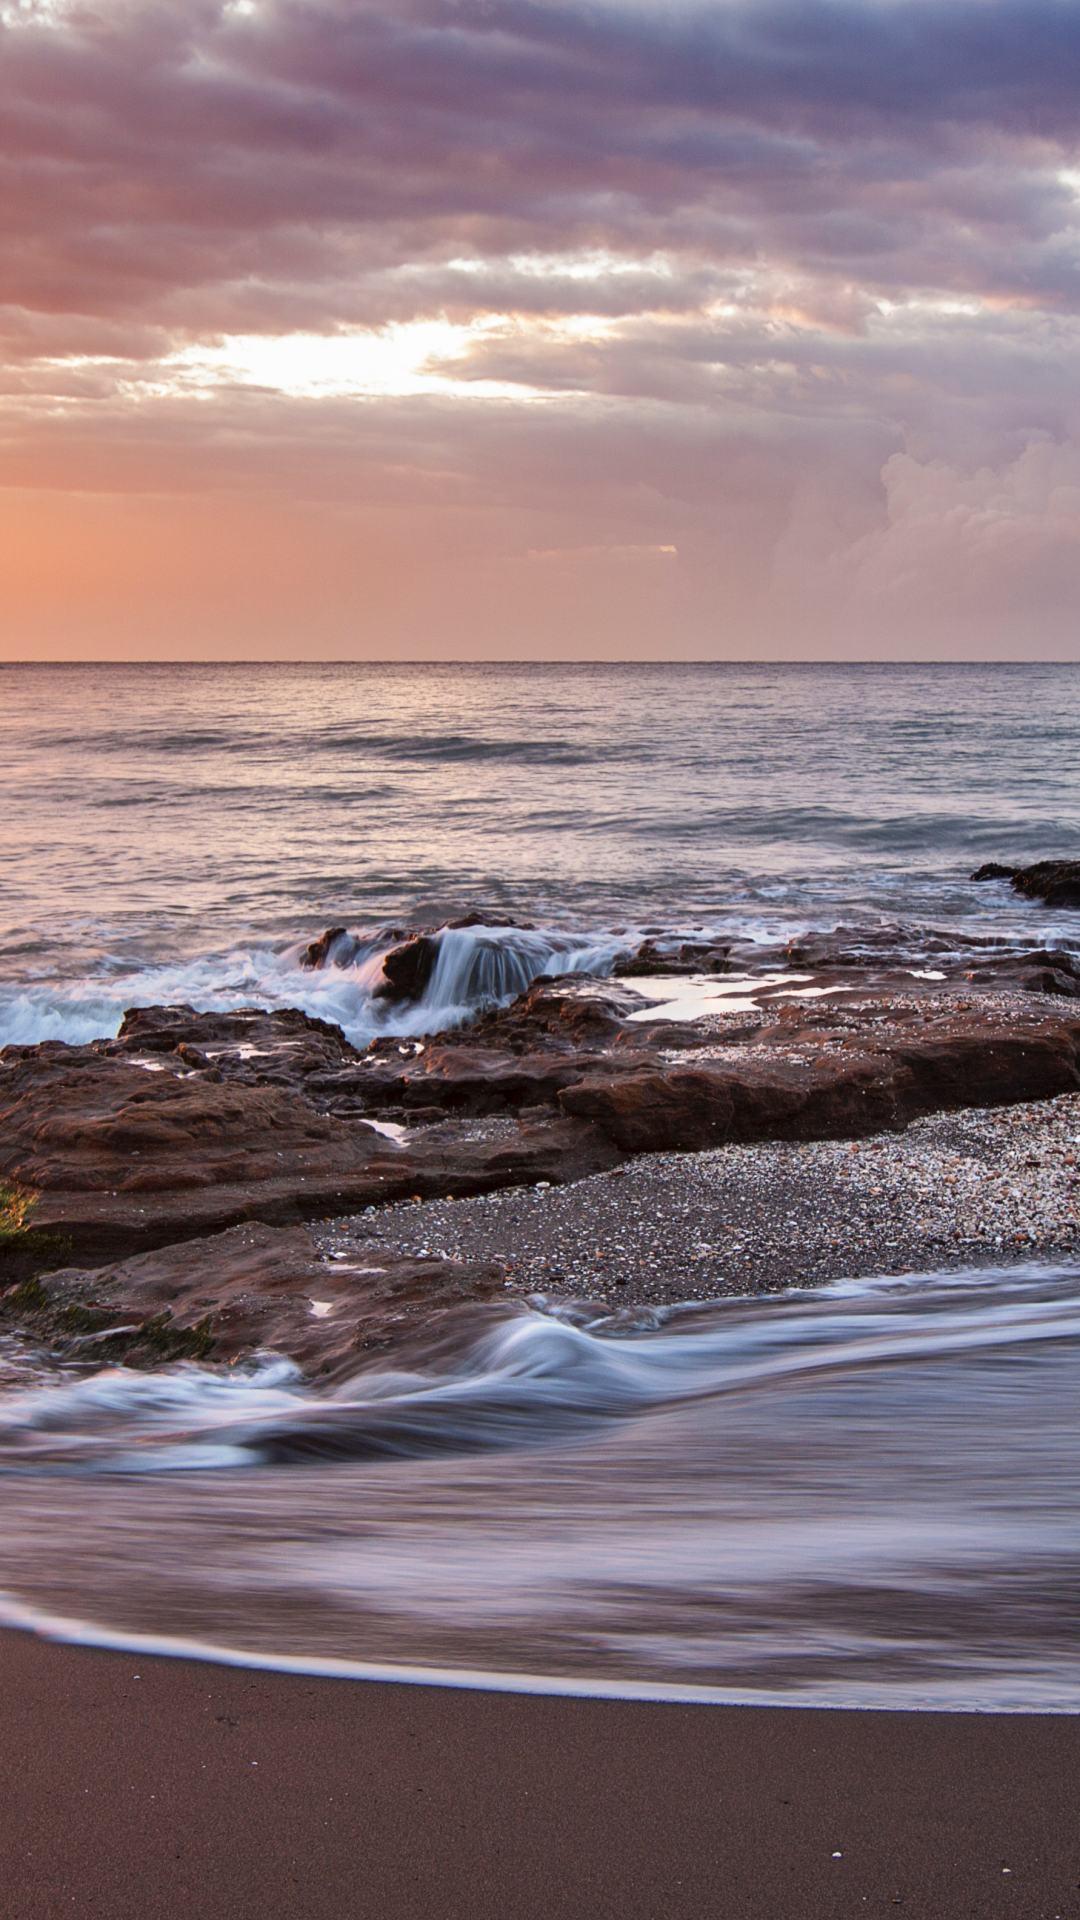 Beach Sunset Iphone Wallpaper - Little Things Jon Kabat Zinn - HD Wallpaper